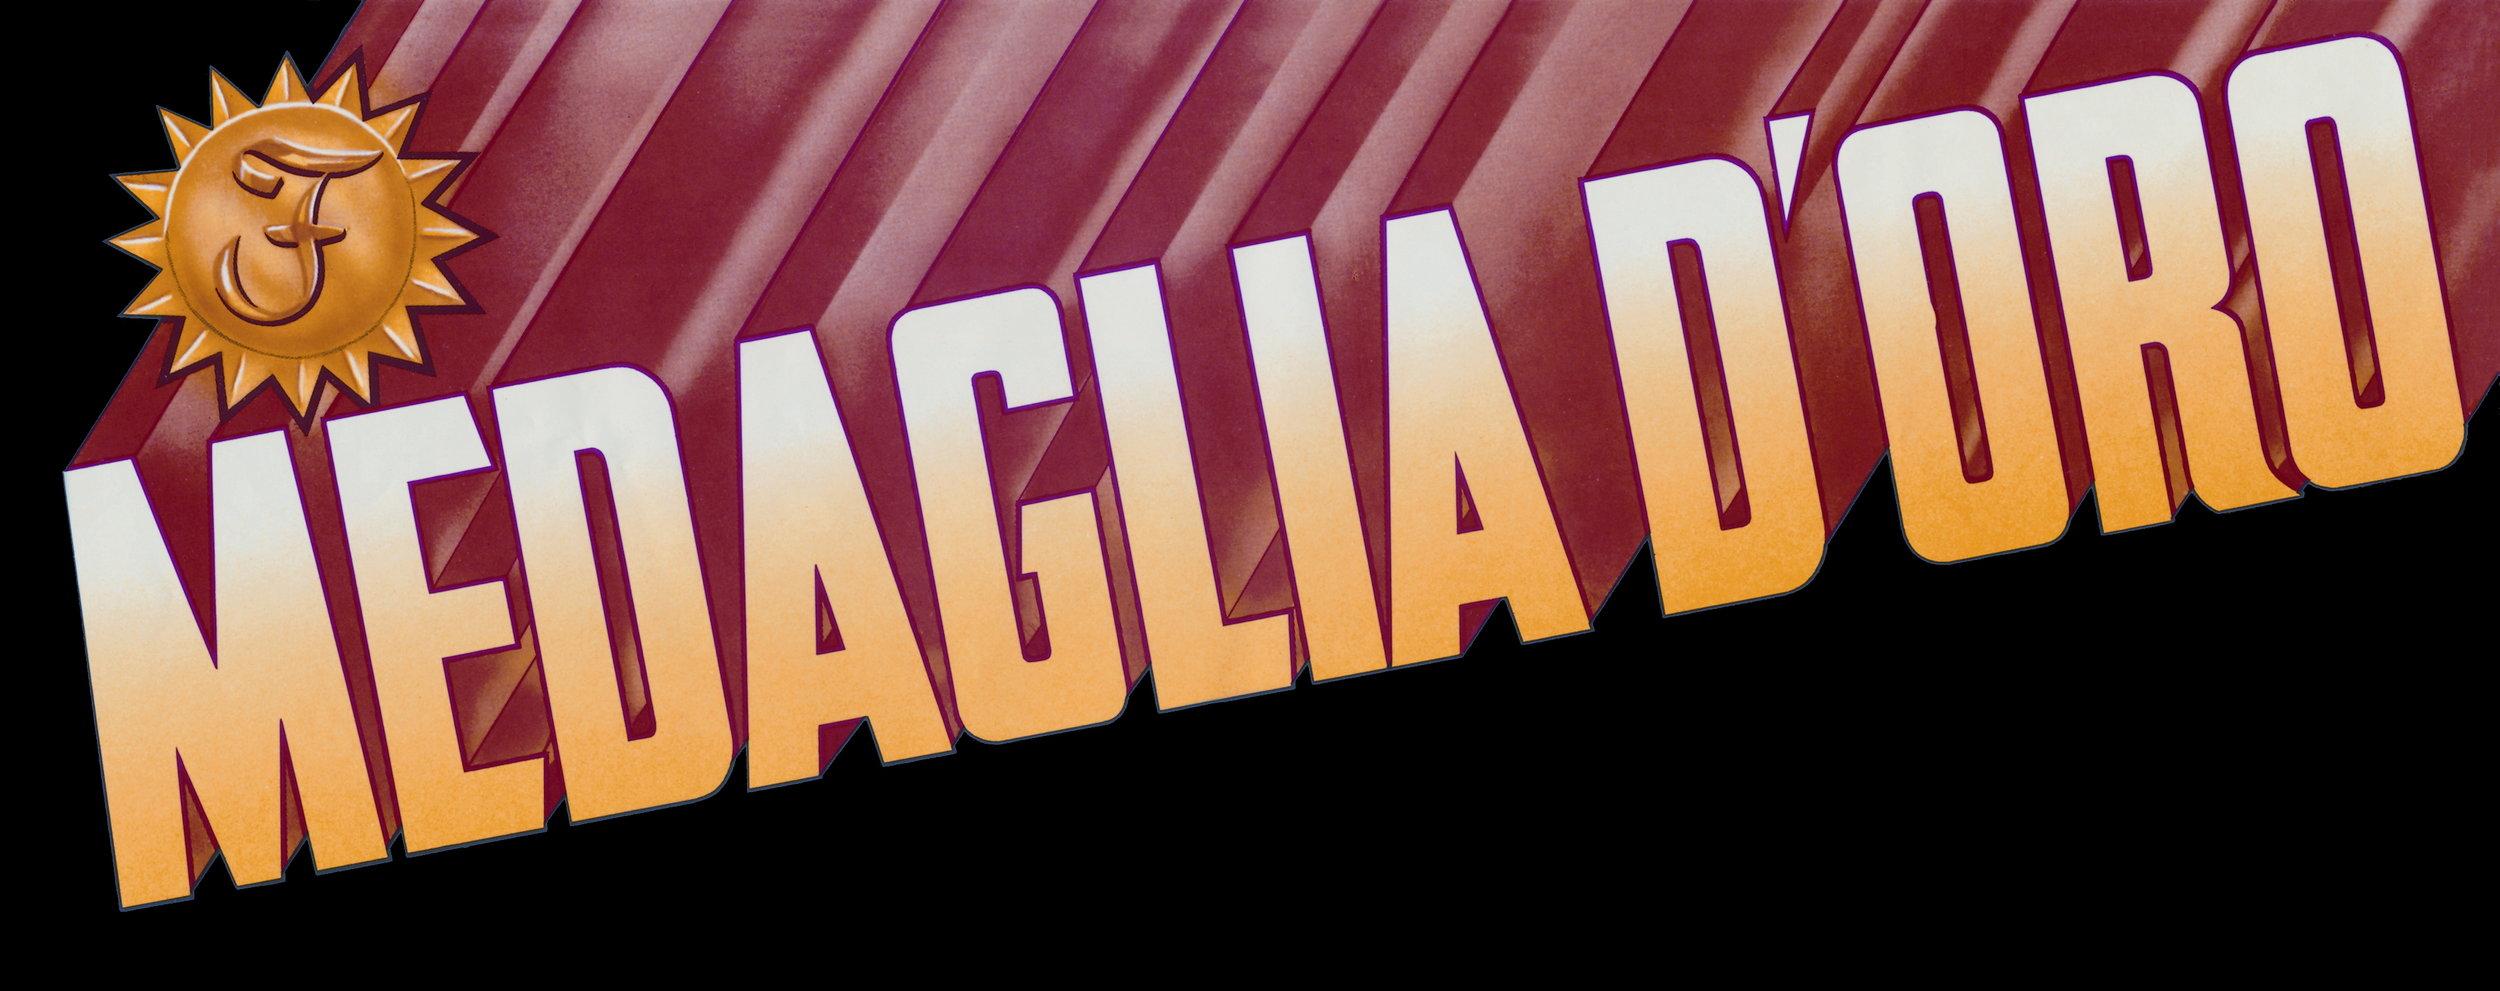 Medaglia D'Oro label.jpg